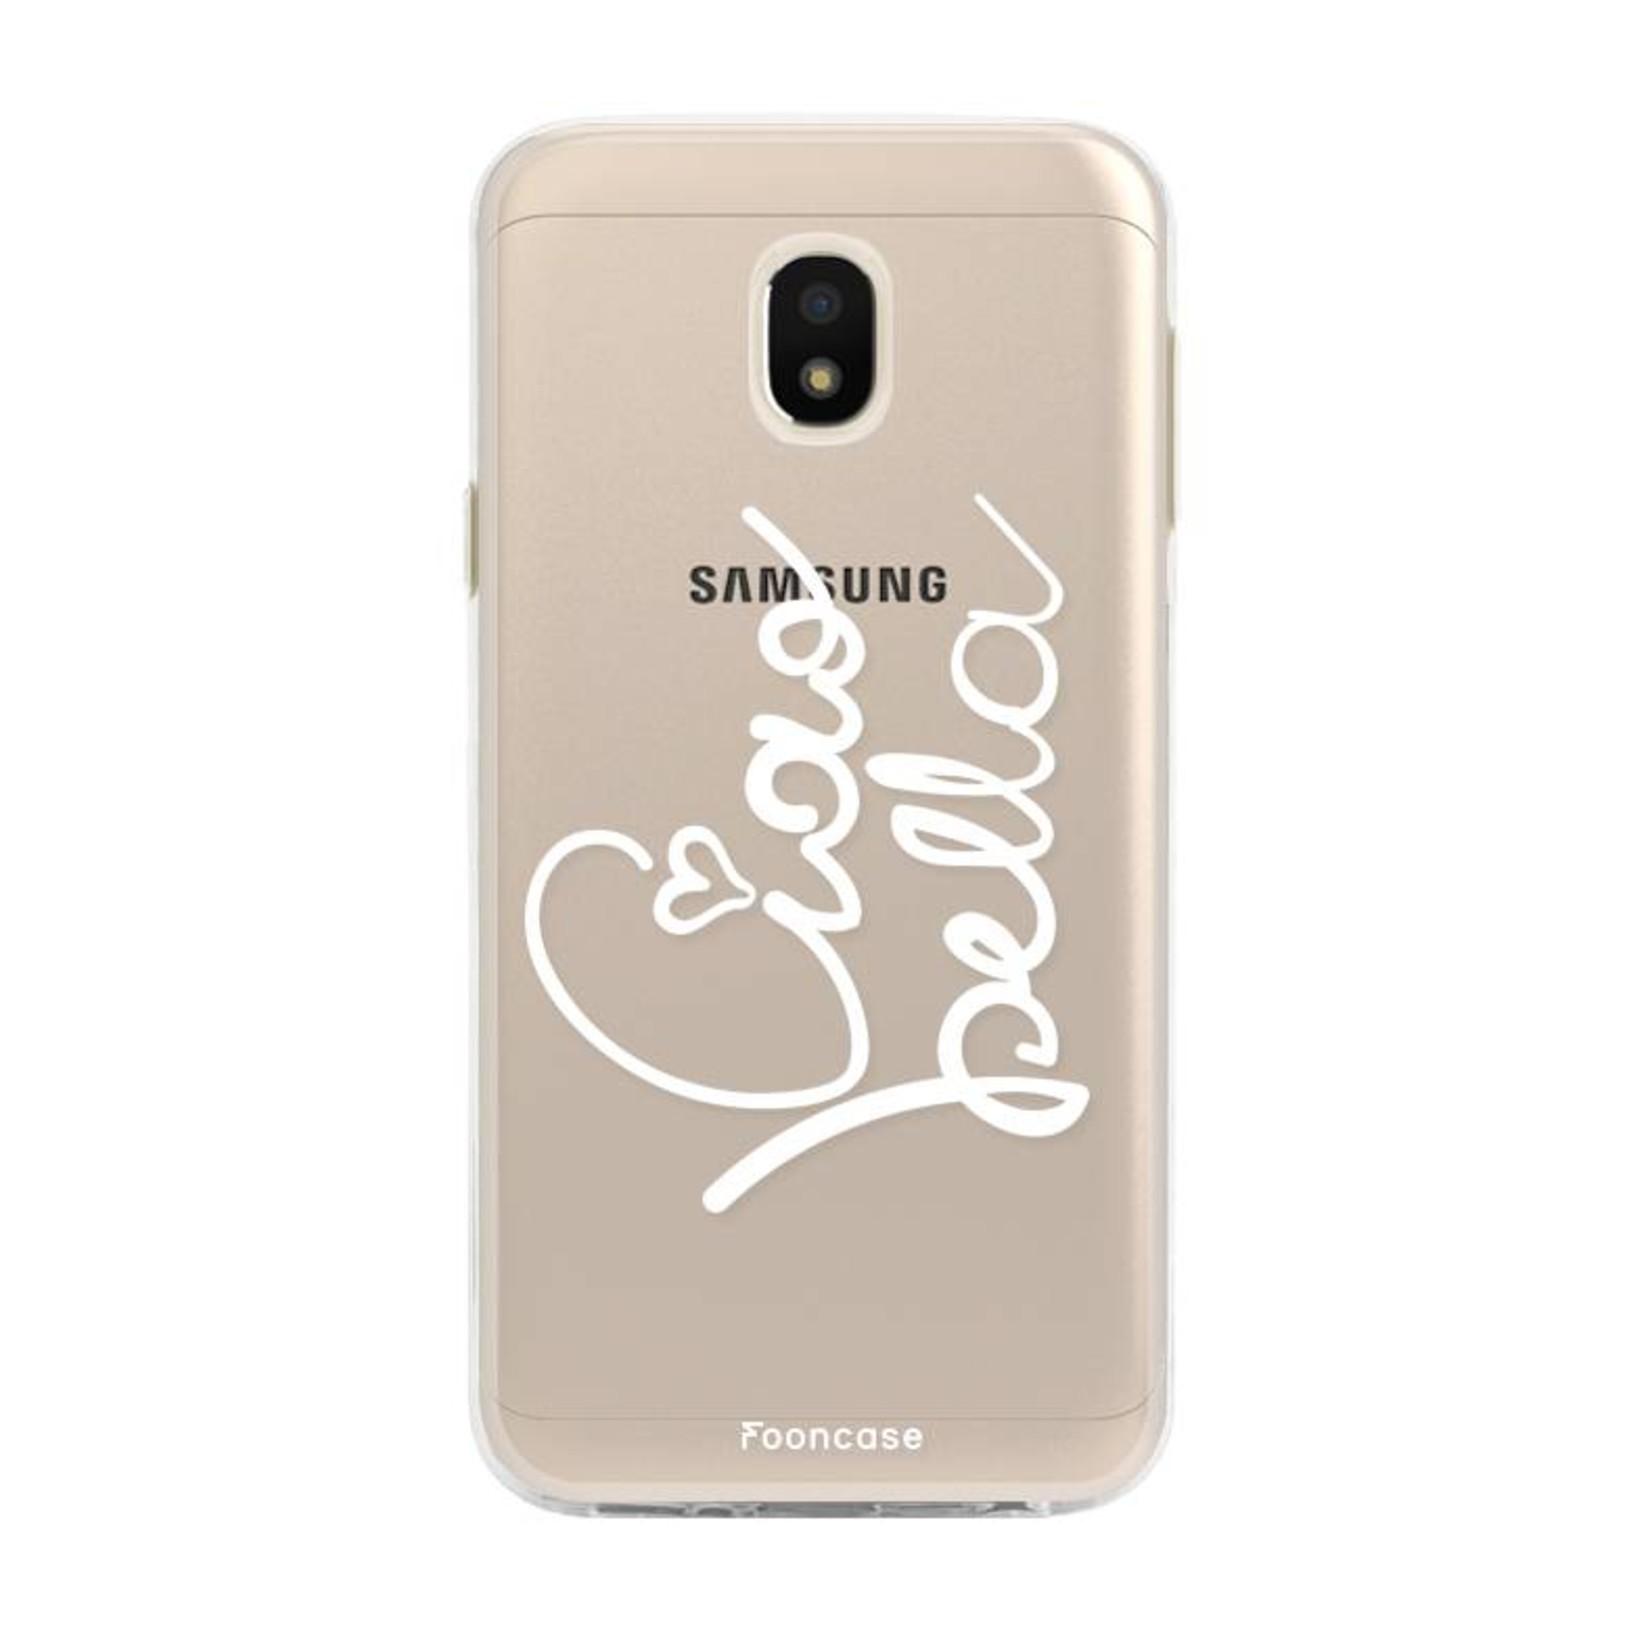 FOONCASE Samsung Galaxy J3 2017 - Ciao Bella!